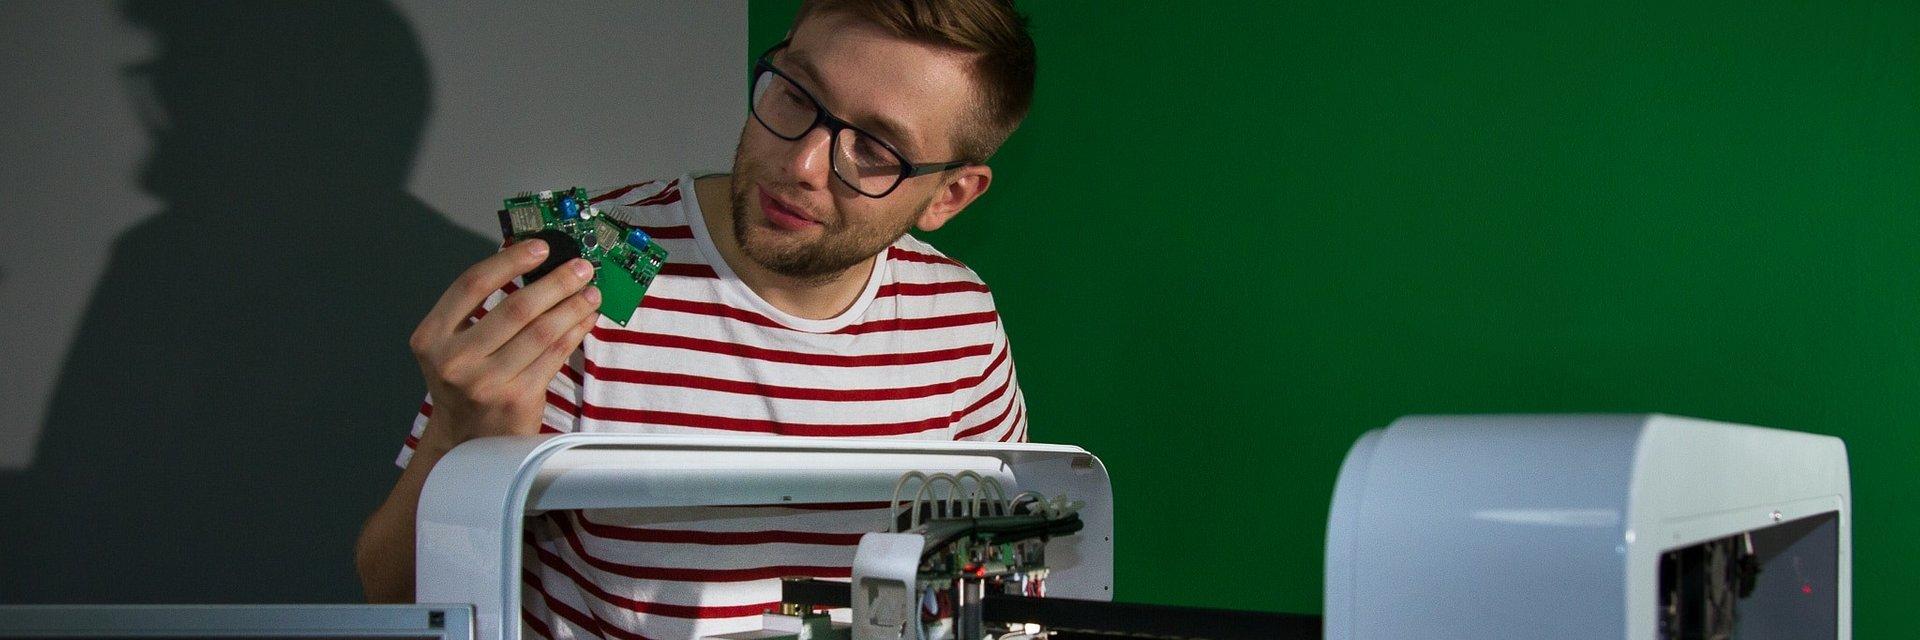 """Od oprogramowania do produkcji, czyli innowacyjna elektronika """"made in Białystok"""""""